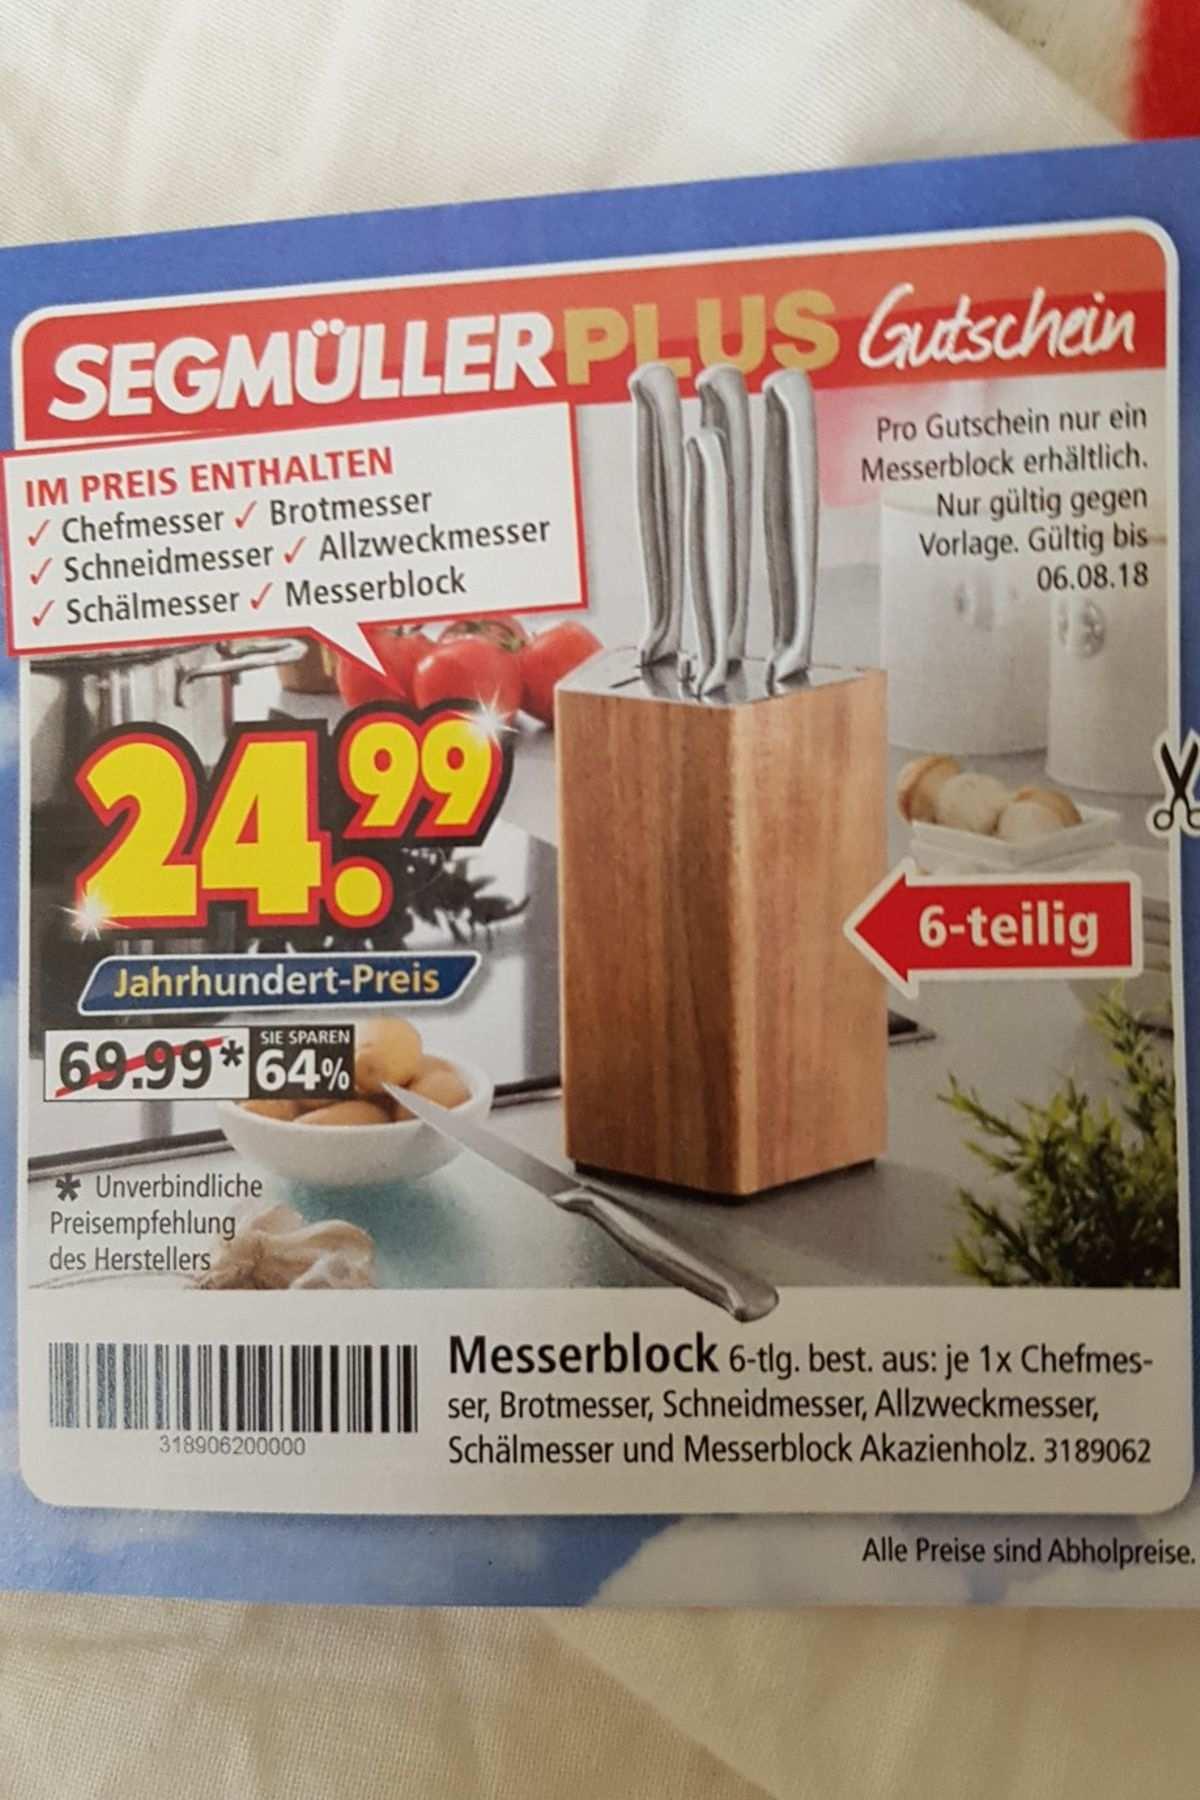 Segmueller Gutschein In 65527 Niedernhausen For Free For Sale Shpock